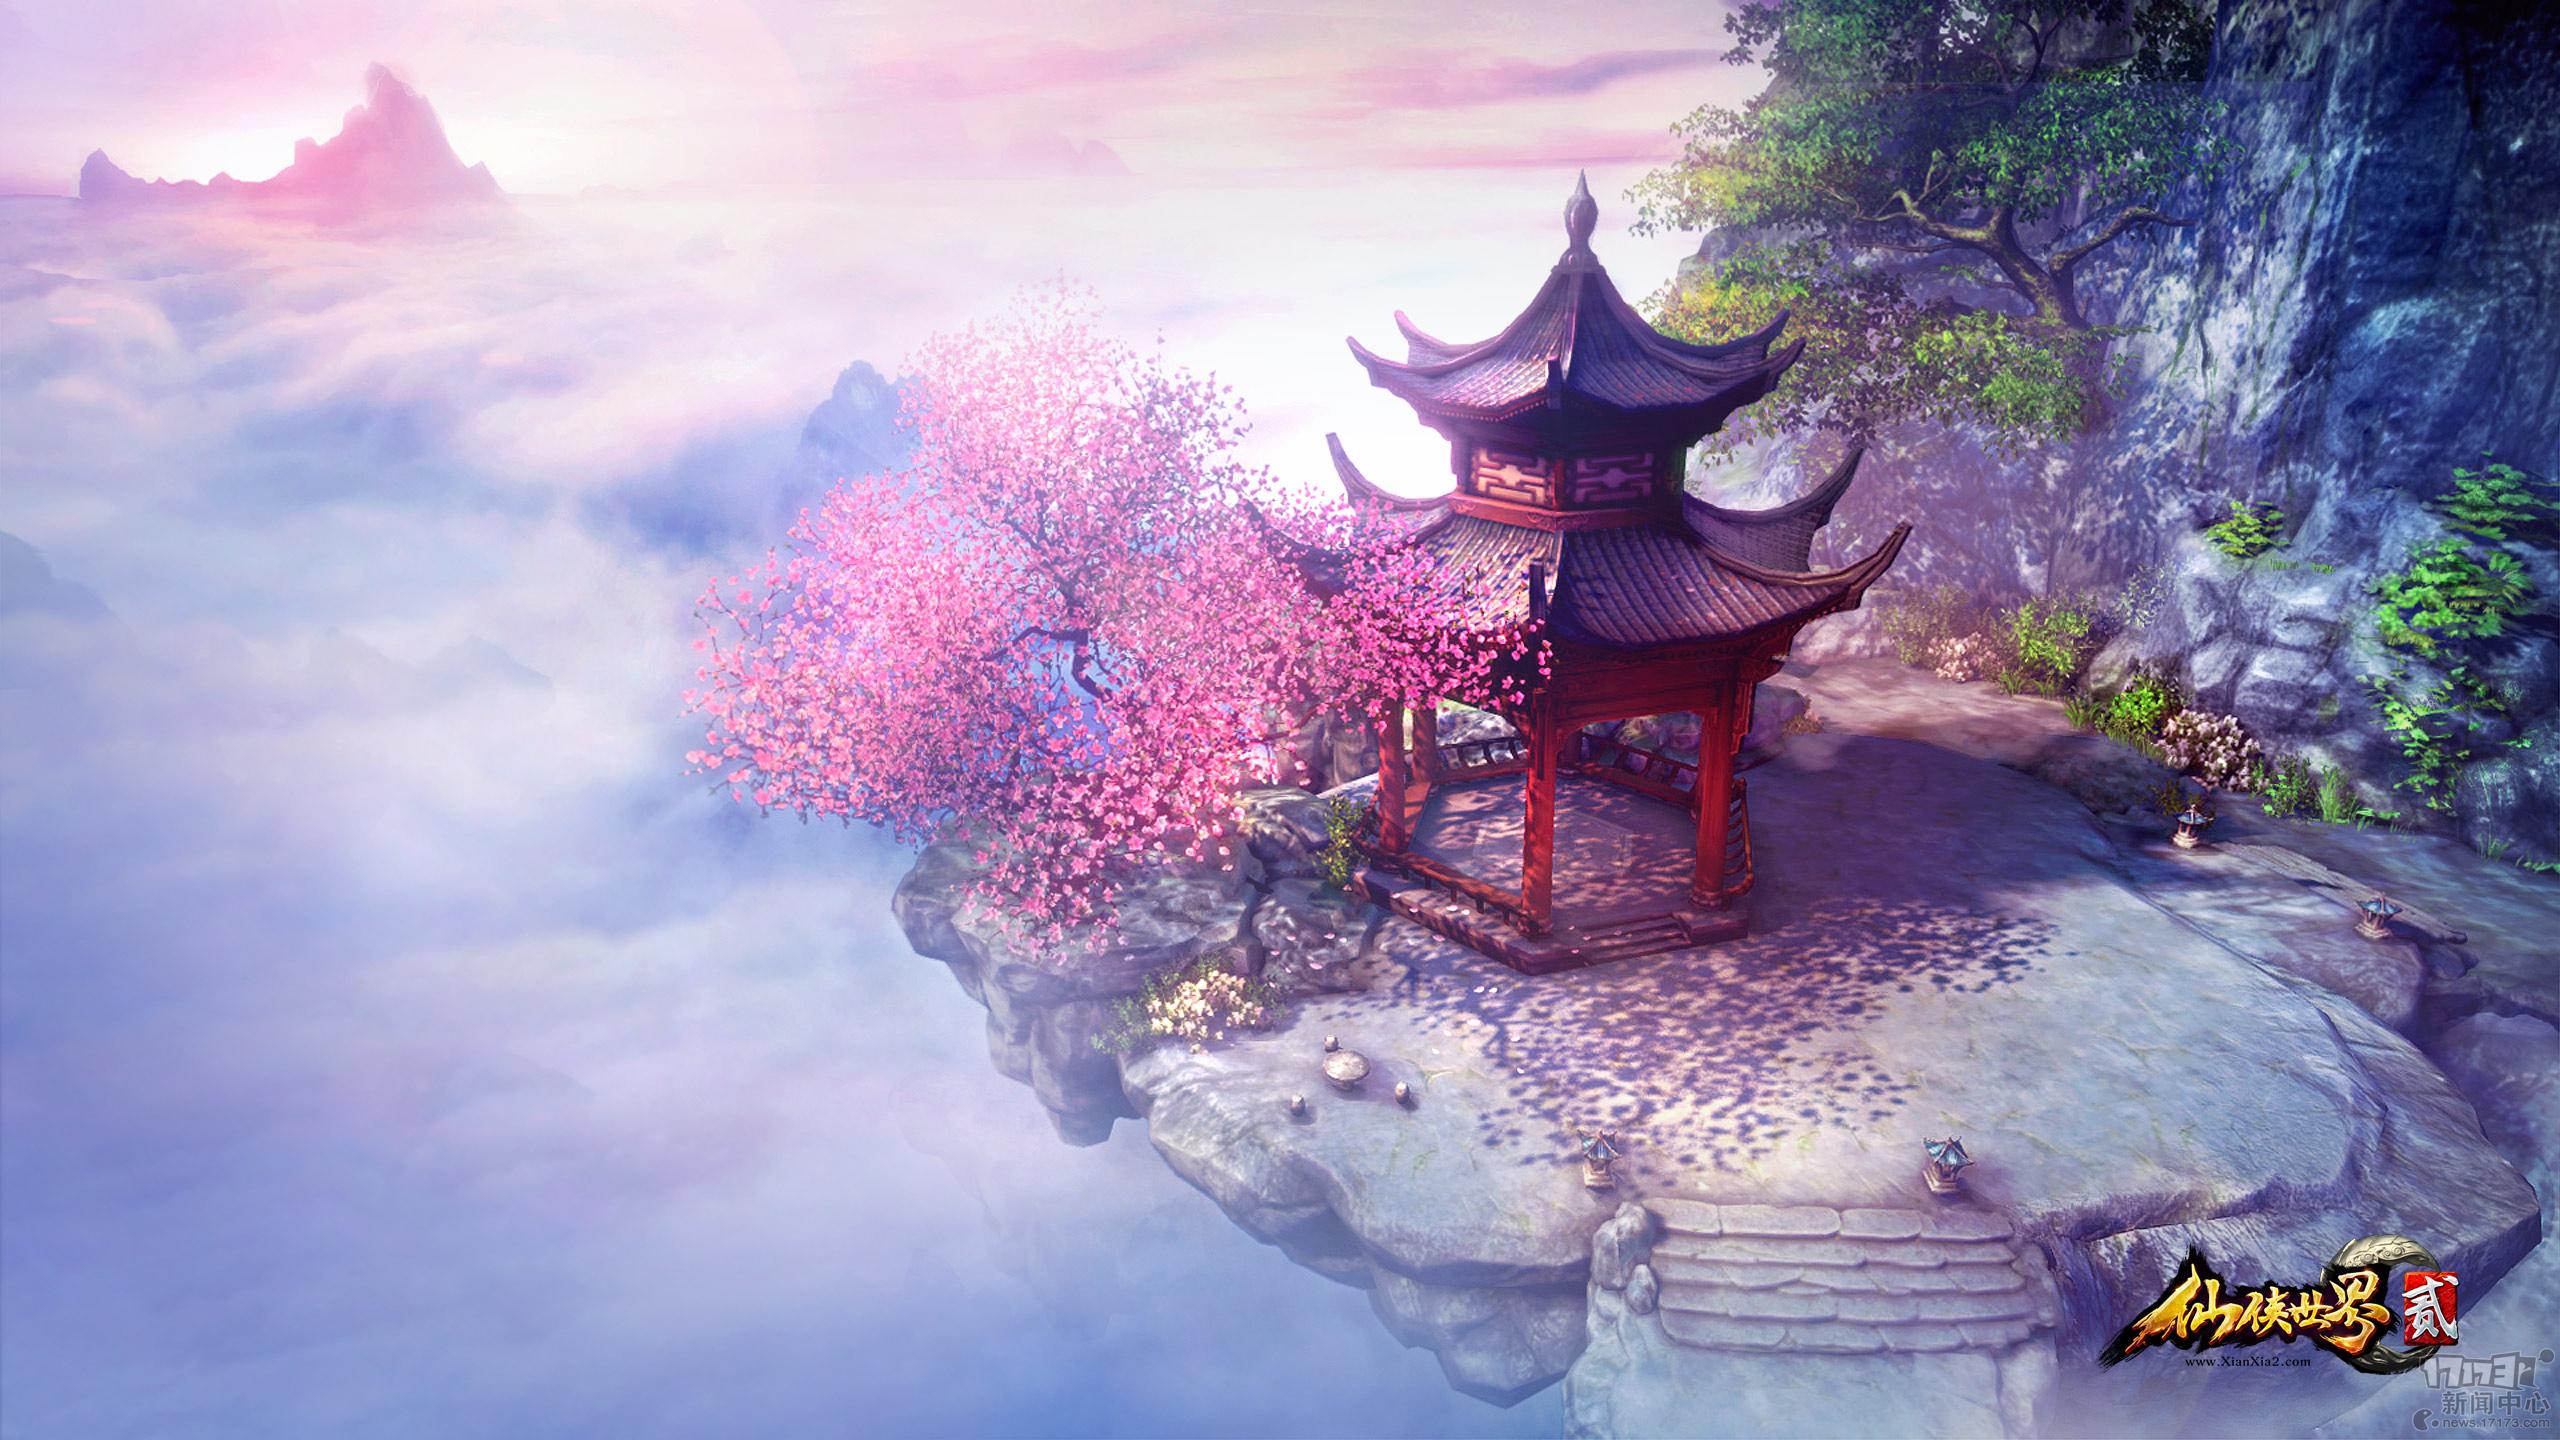 游戏资讯_完美空间游戏资讯:四月新游推荐 红遍全球的马赛克游戏来中国了